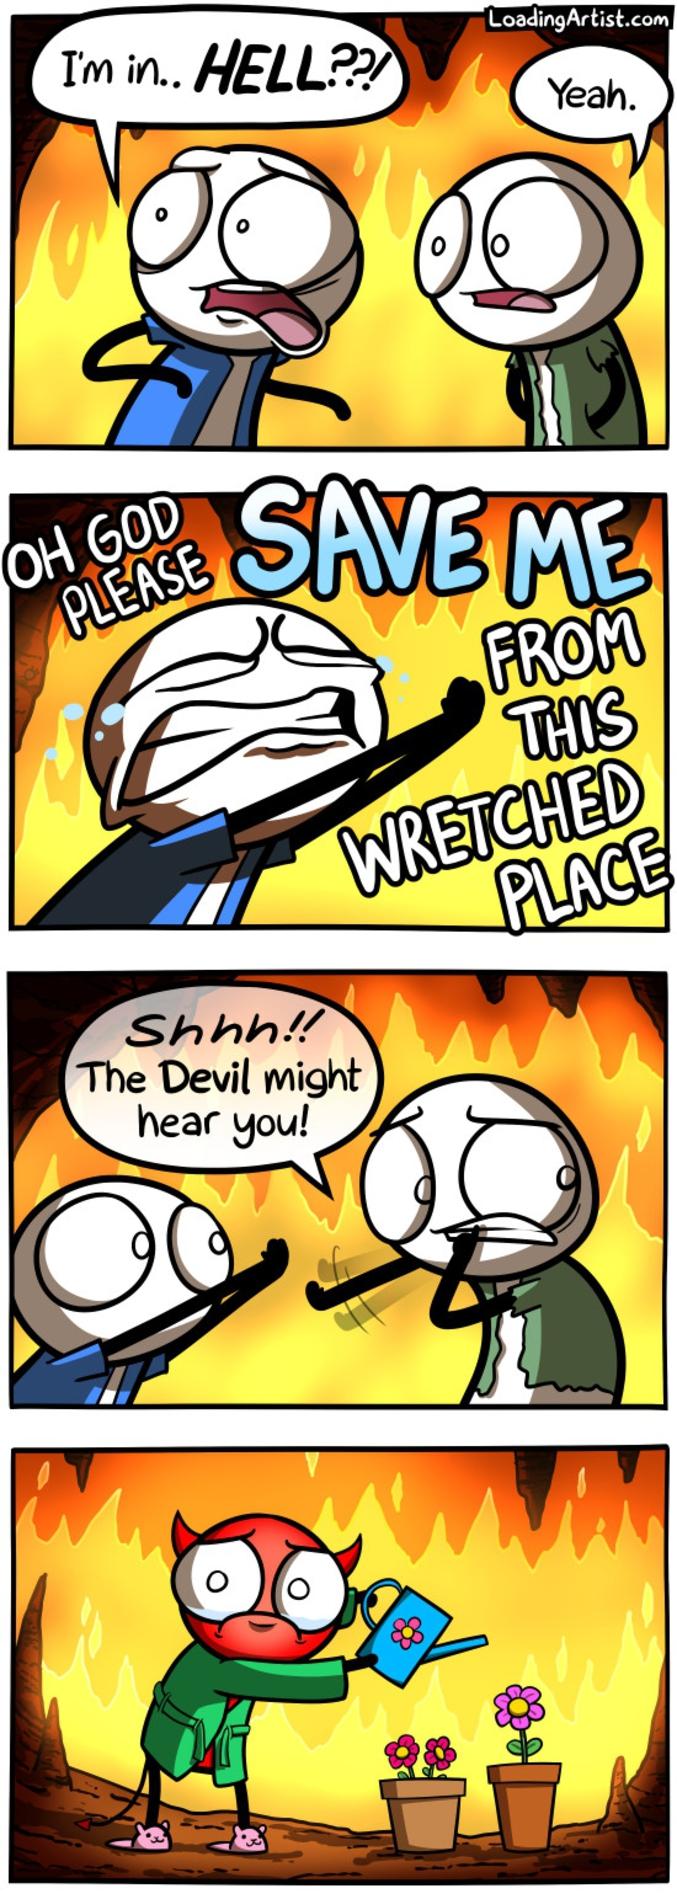 - Je suis... en Enfer ? - Oui. - Ho mon Dieu, pitié, sauve-moi de cet endroit abject ! - Chhhhhut, le Diable pourrait t'entendre !  http://loadingartist.com